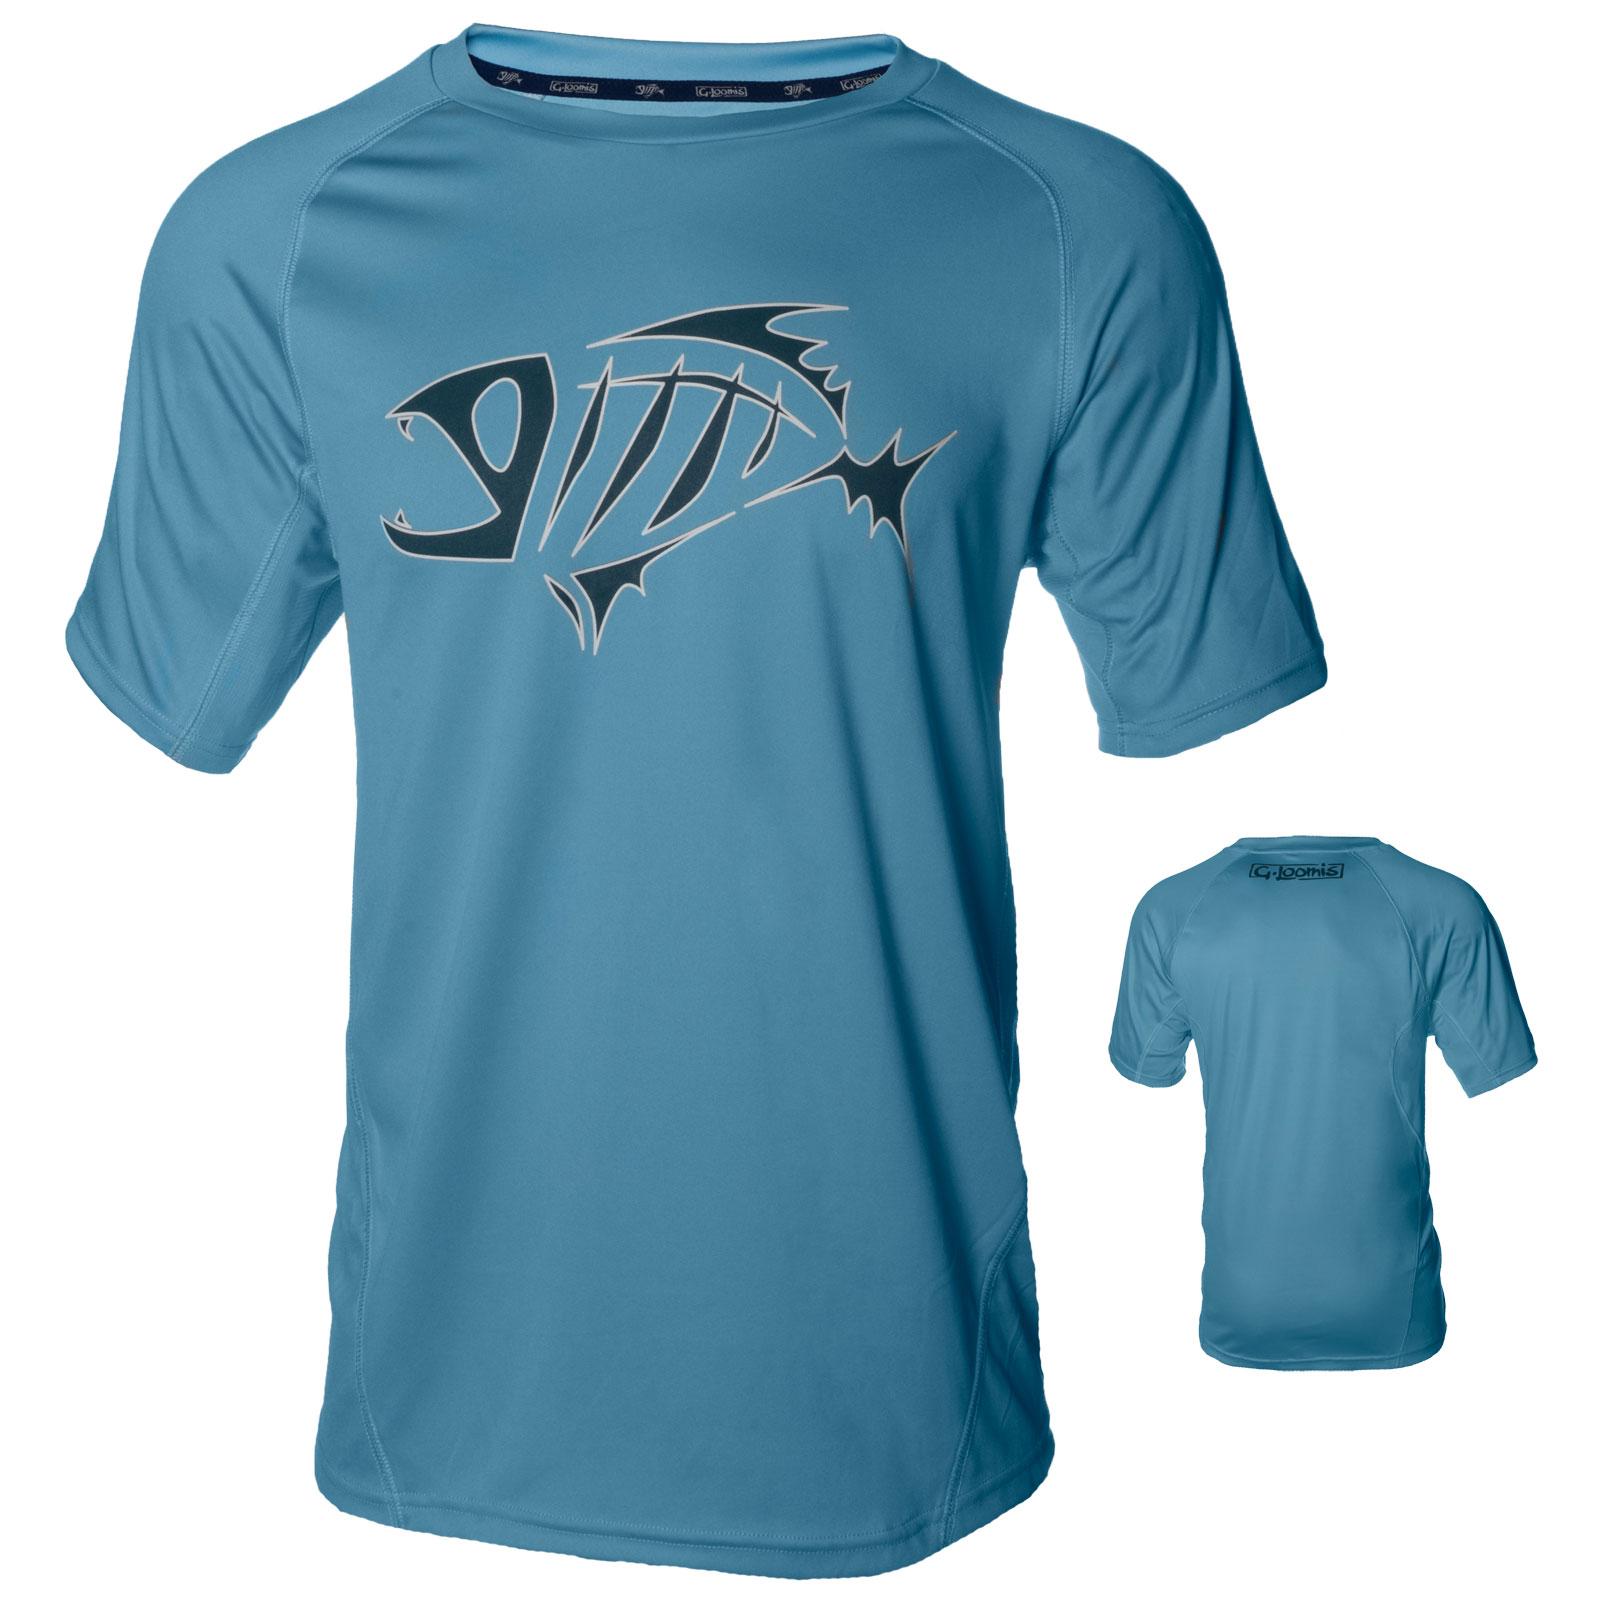 G loomis skeleton fish logo urso short sleeve uv for Uv fishing shirts